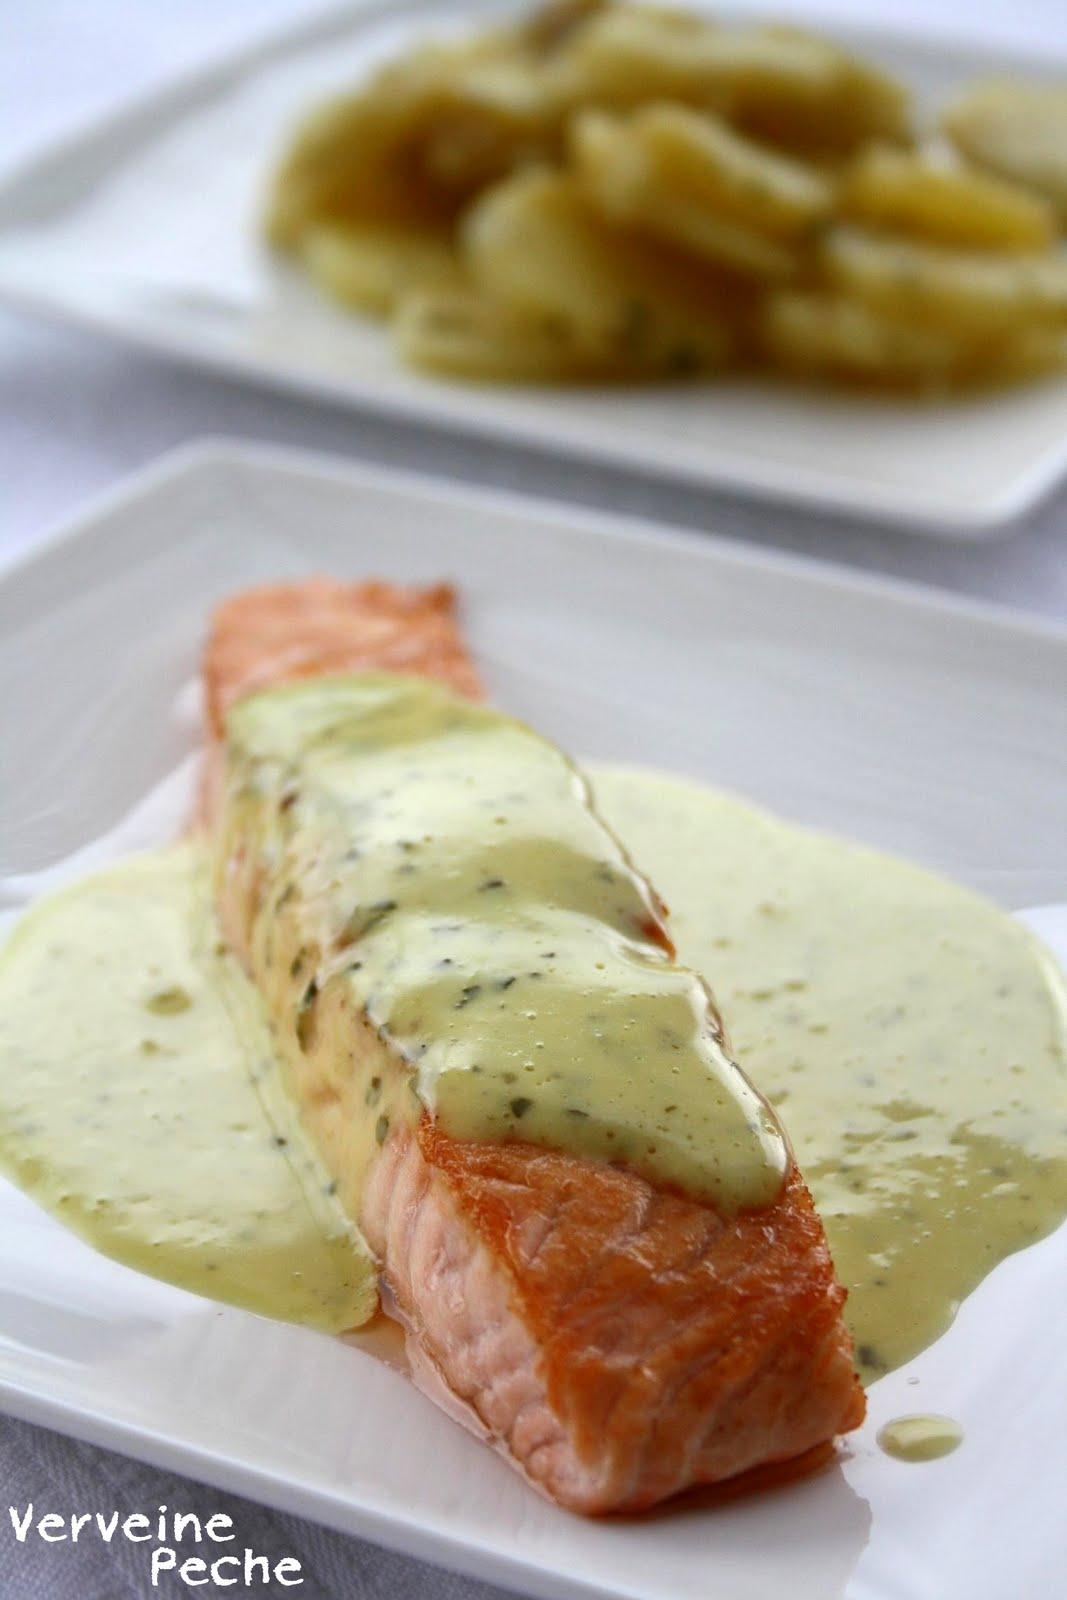 Verveine p che saumon grill sauce menthe et basilic - Sauce pour saumon grille barbecue ...